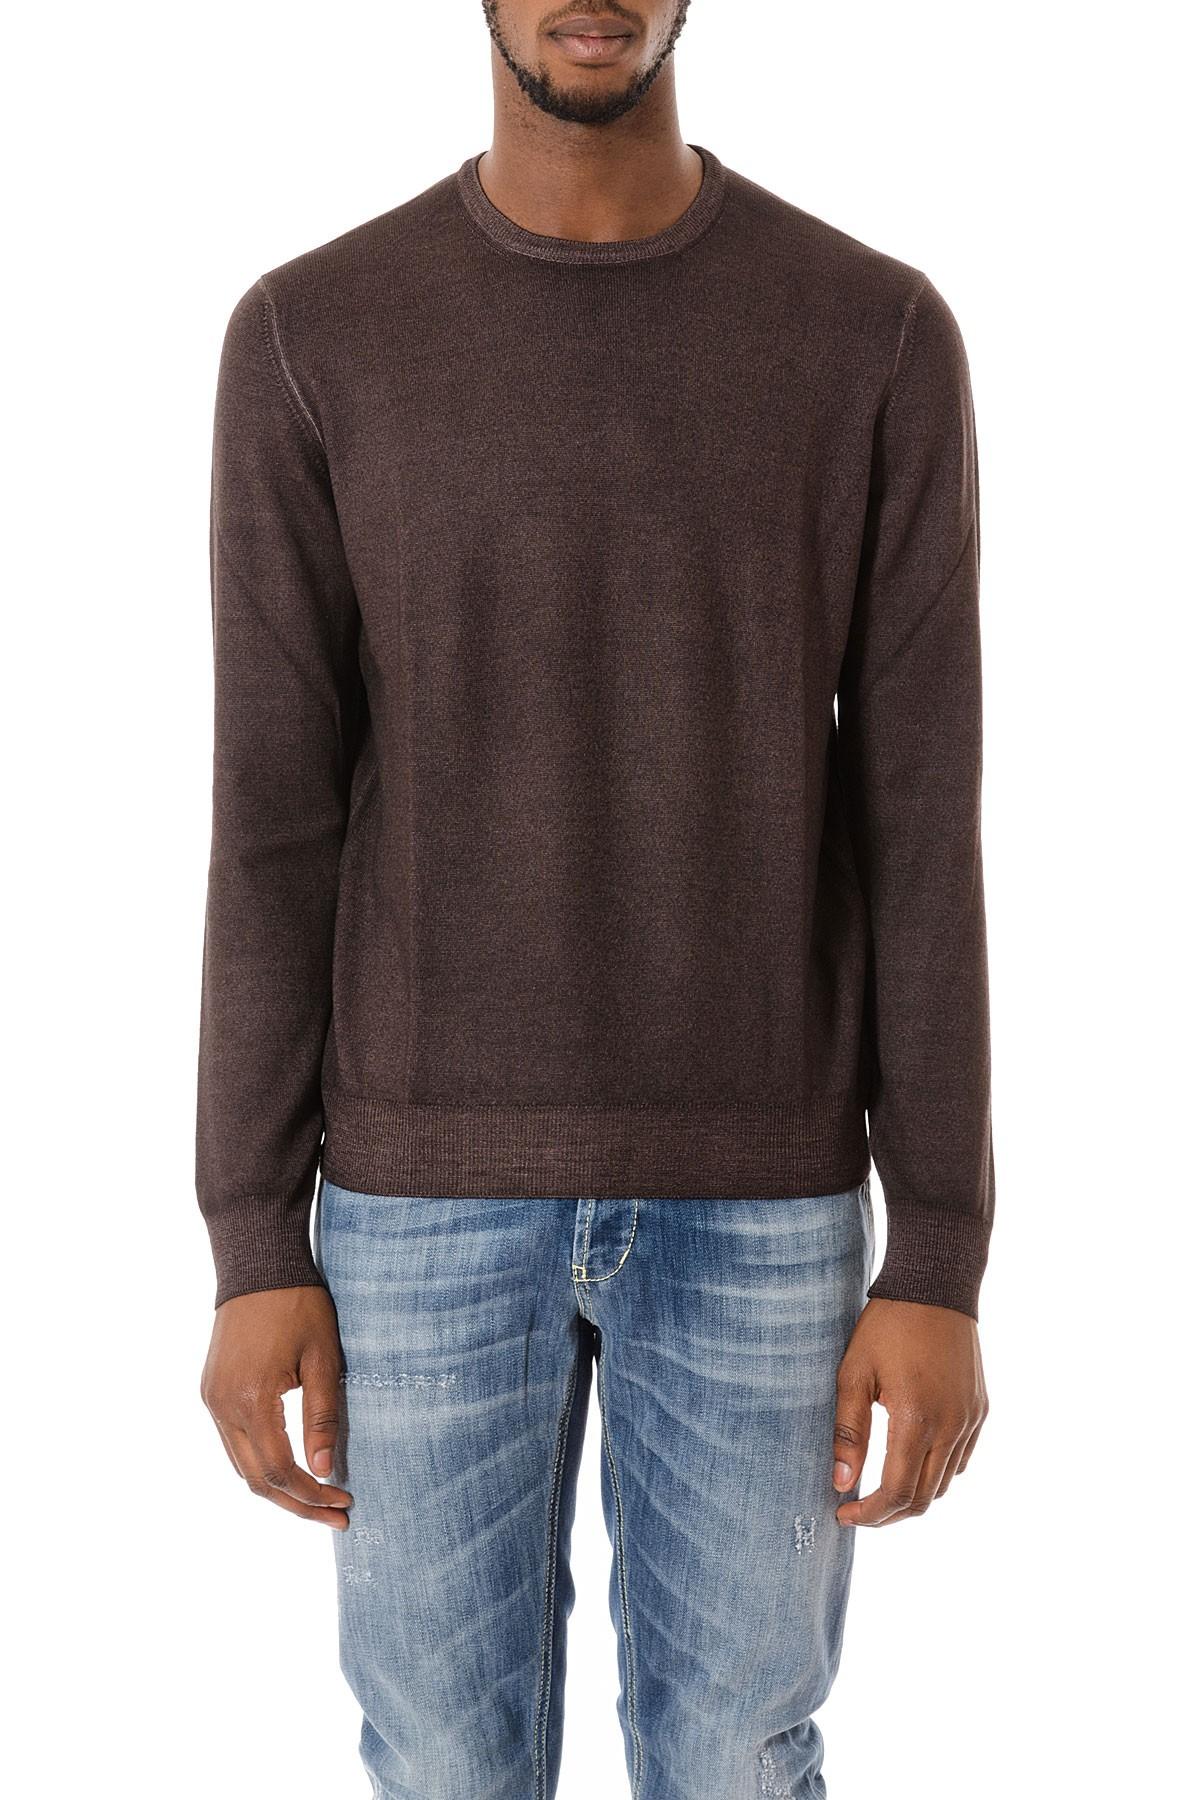 best website faa36 9881e Maglione marrone in lana vergine per uomo autunno inverno 15-16 FAY